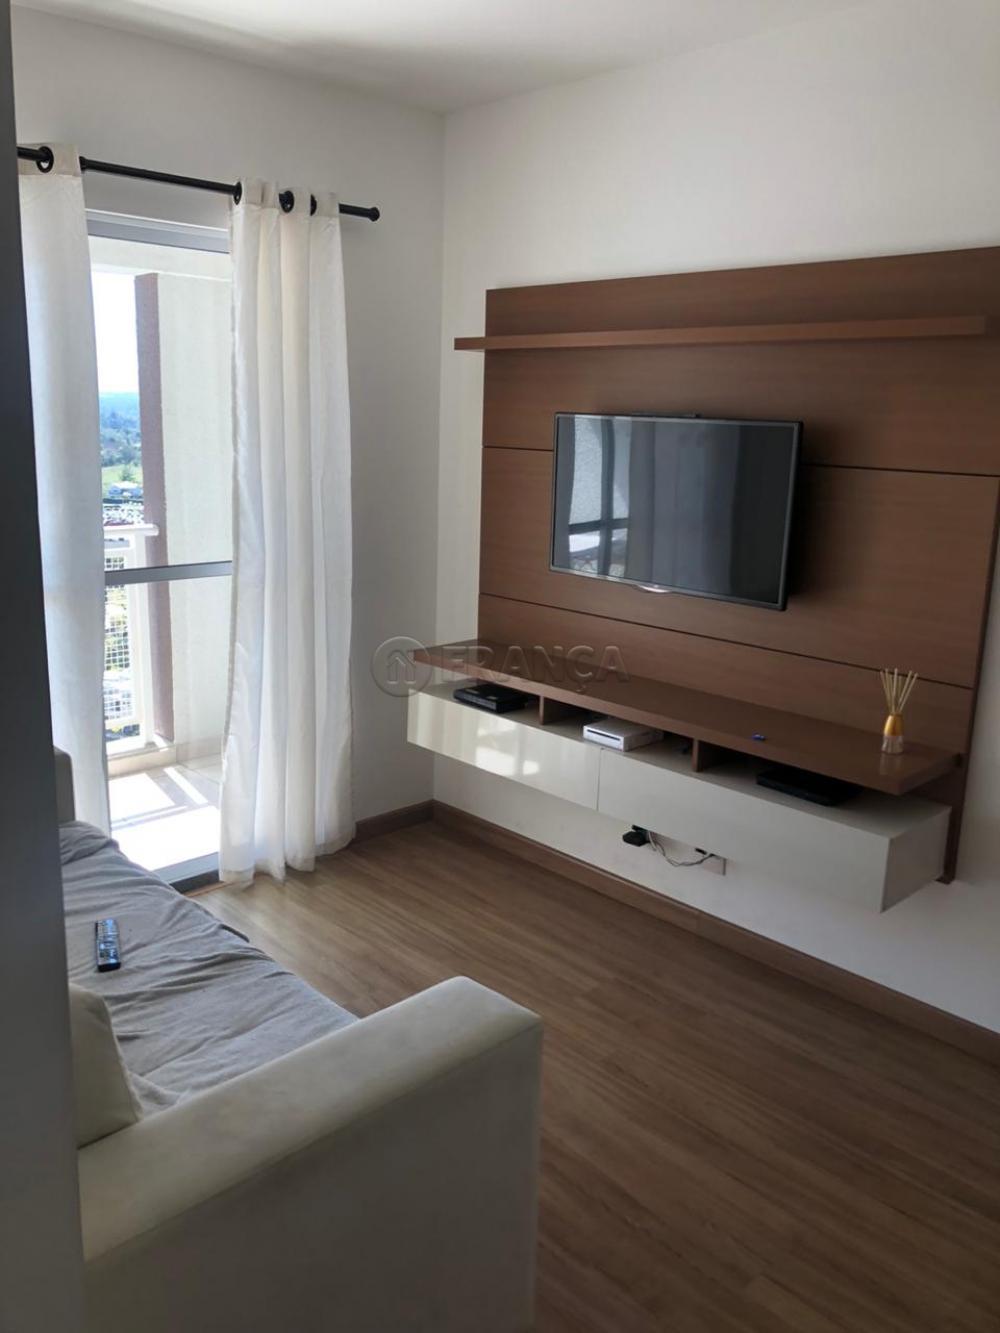 Alugar Apartamento / Padrão em Jacareí apenas R$ 1.650,00 - Foto 1